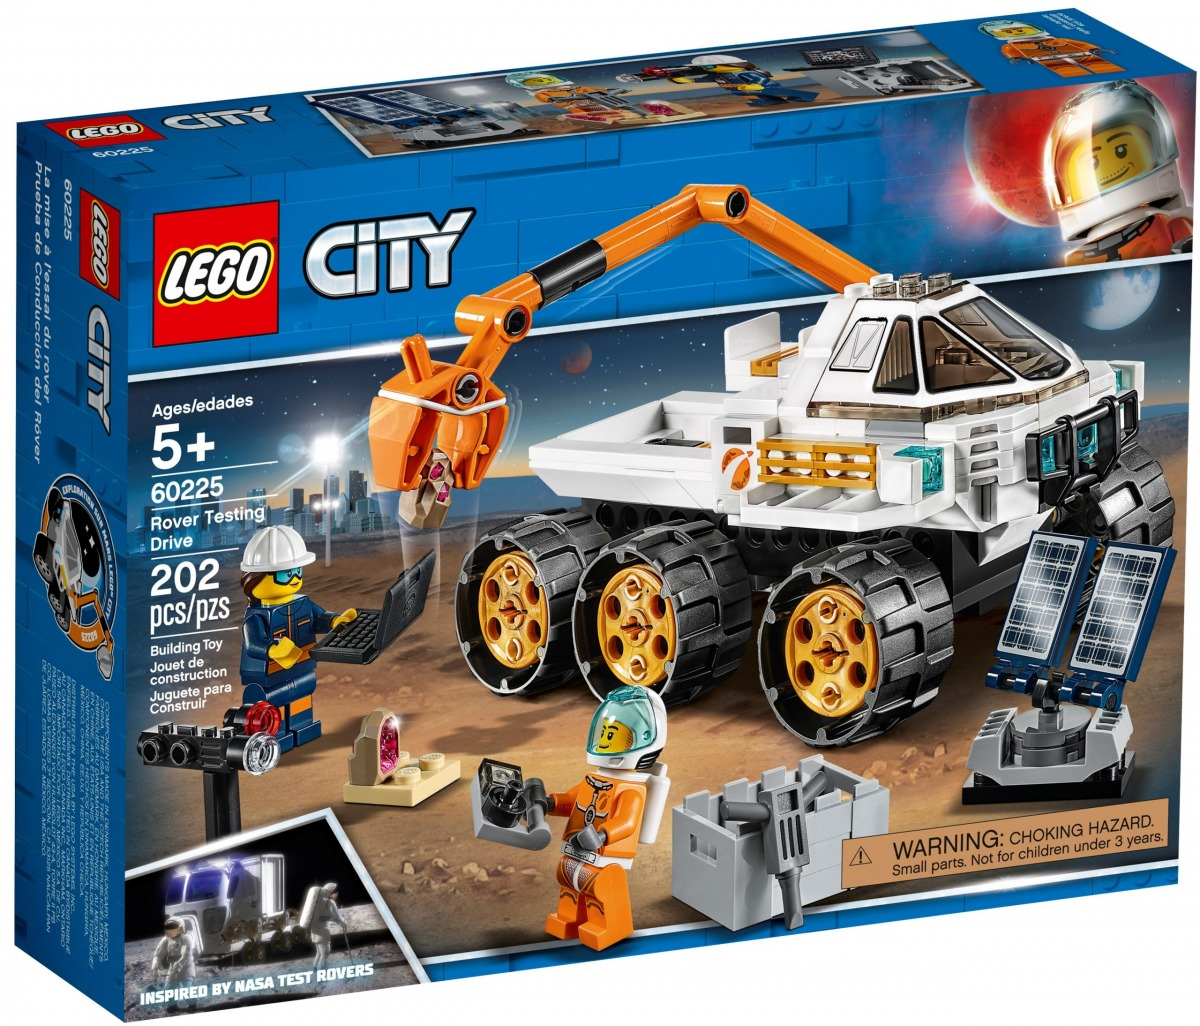 lego 60225 testkorning av rover scaled